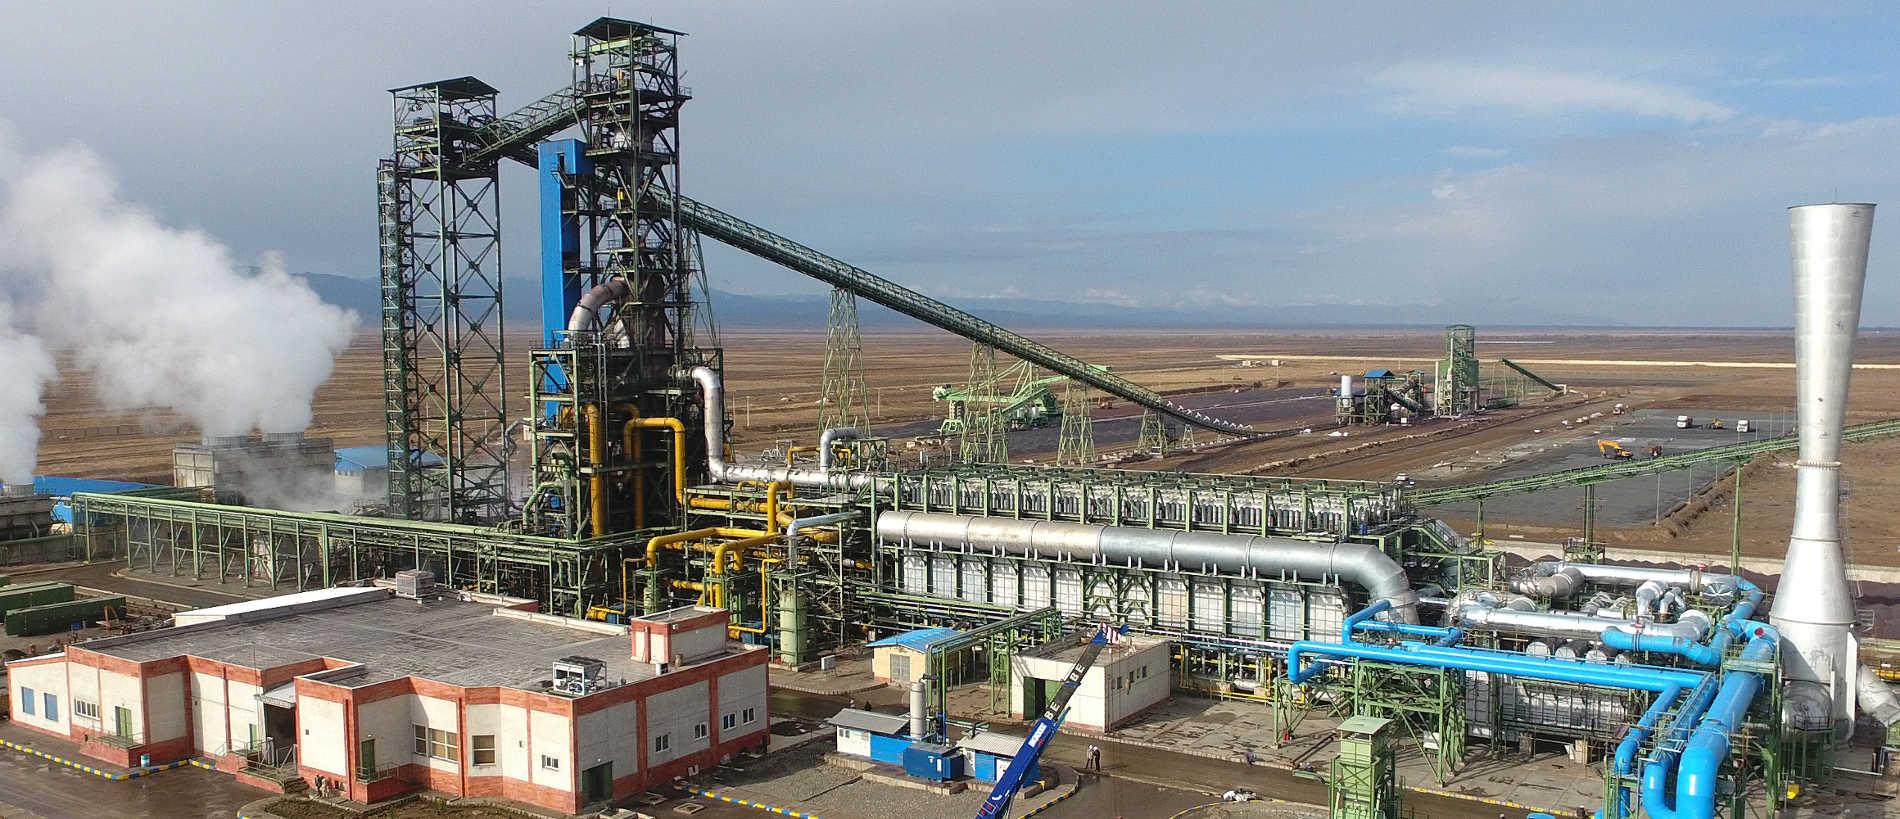 موافقت شورای اقتصاد کشور با اجرای فاز دوم مجتمع پارس فولاد سبزوار